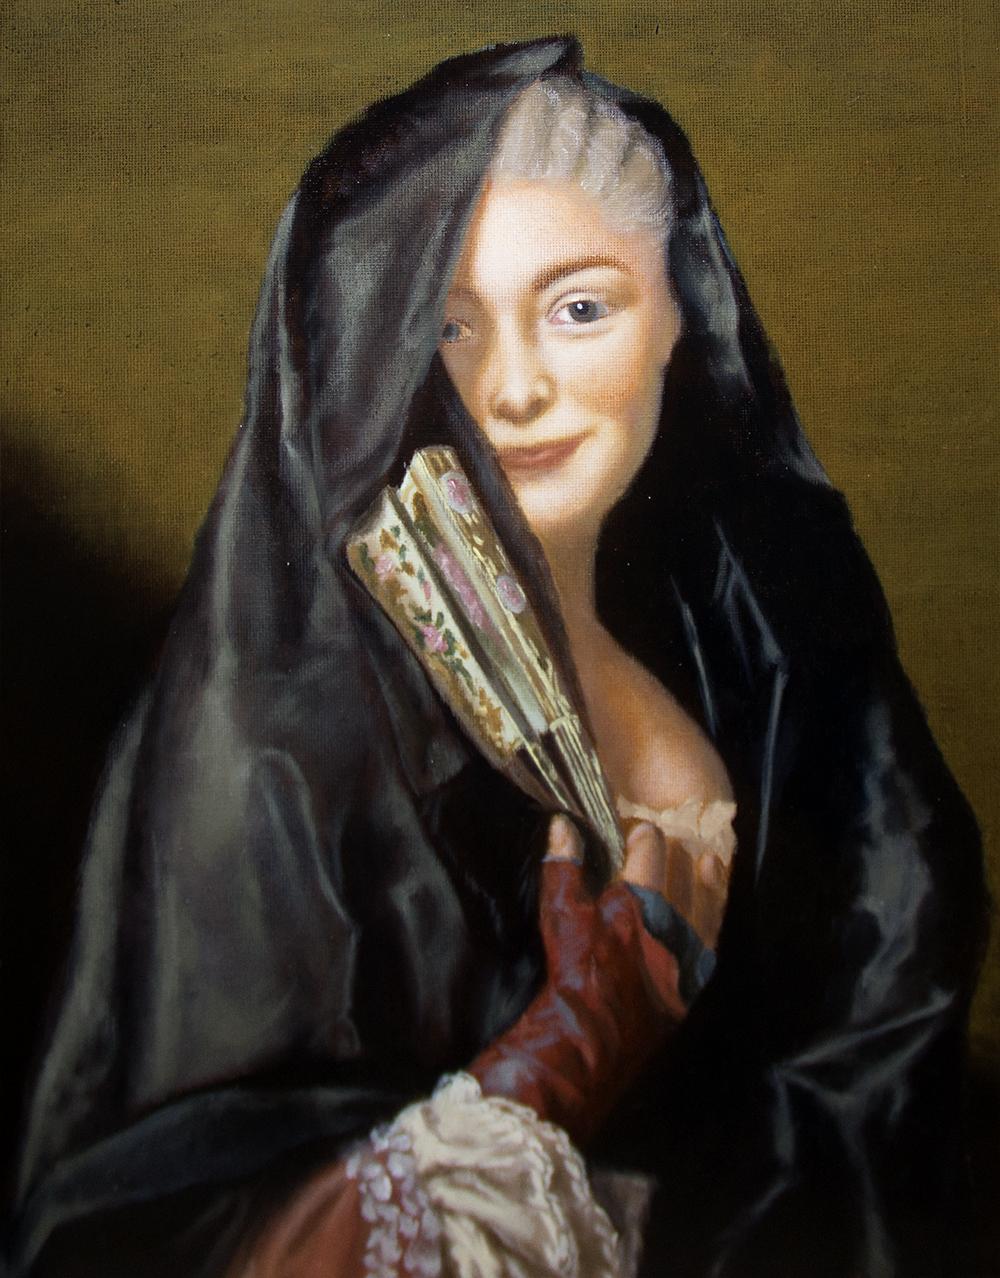 Marjo Yli-Paavolan maalaus